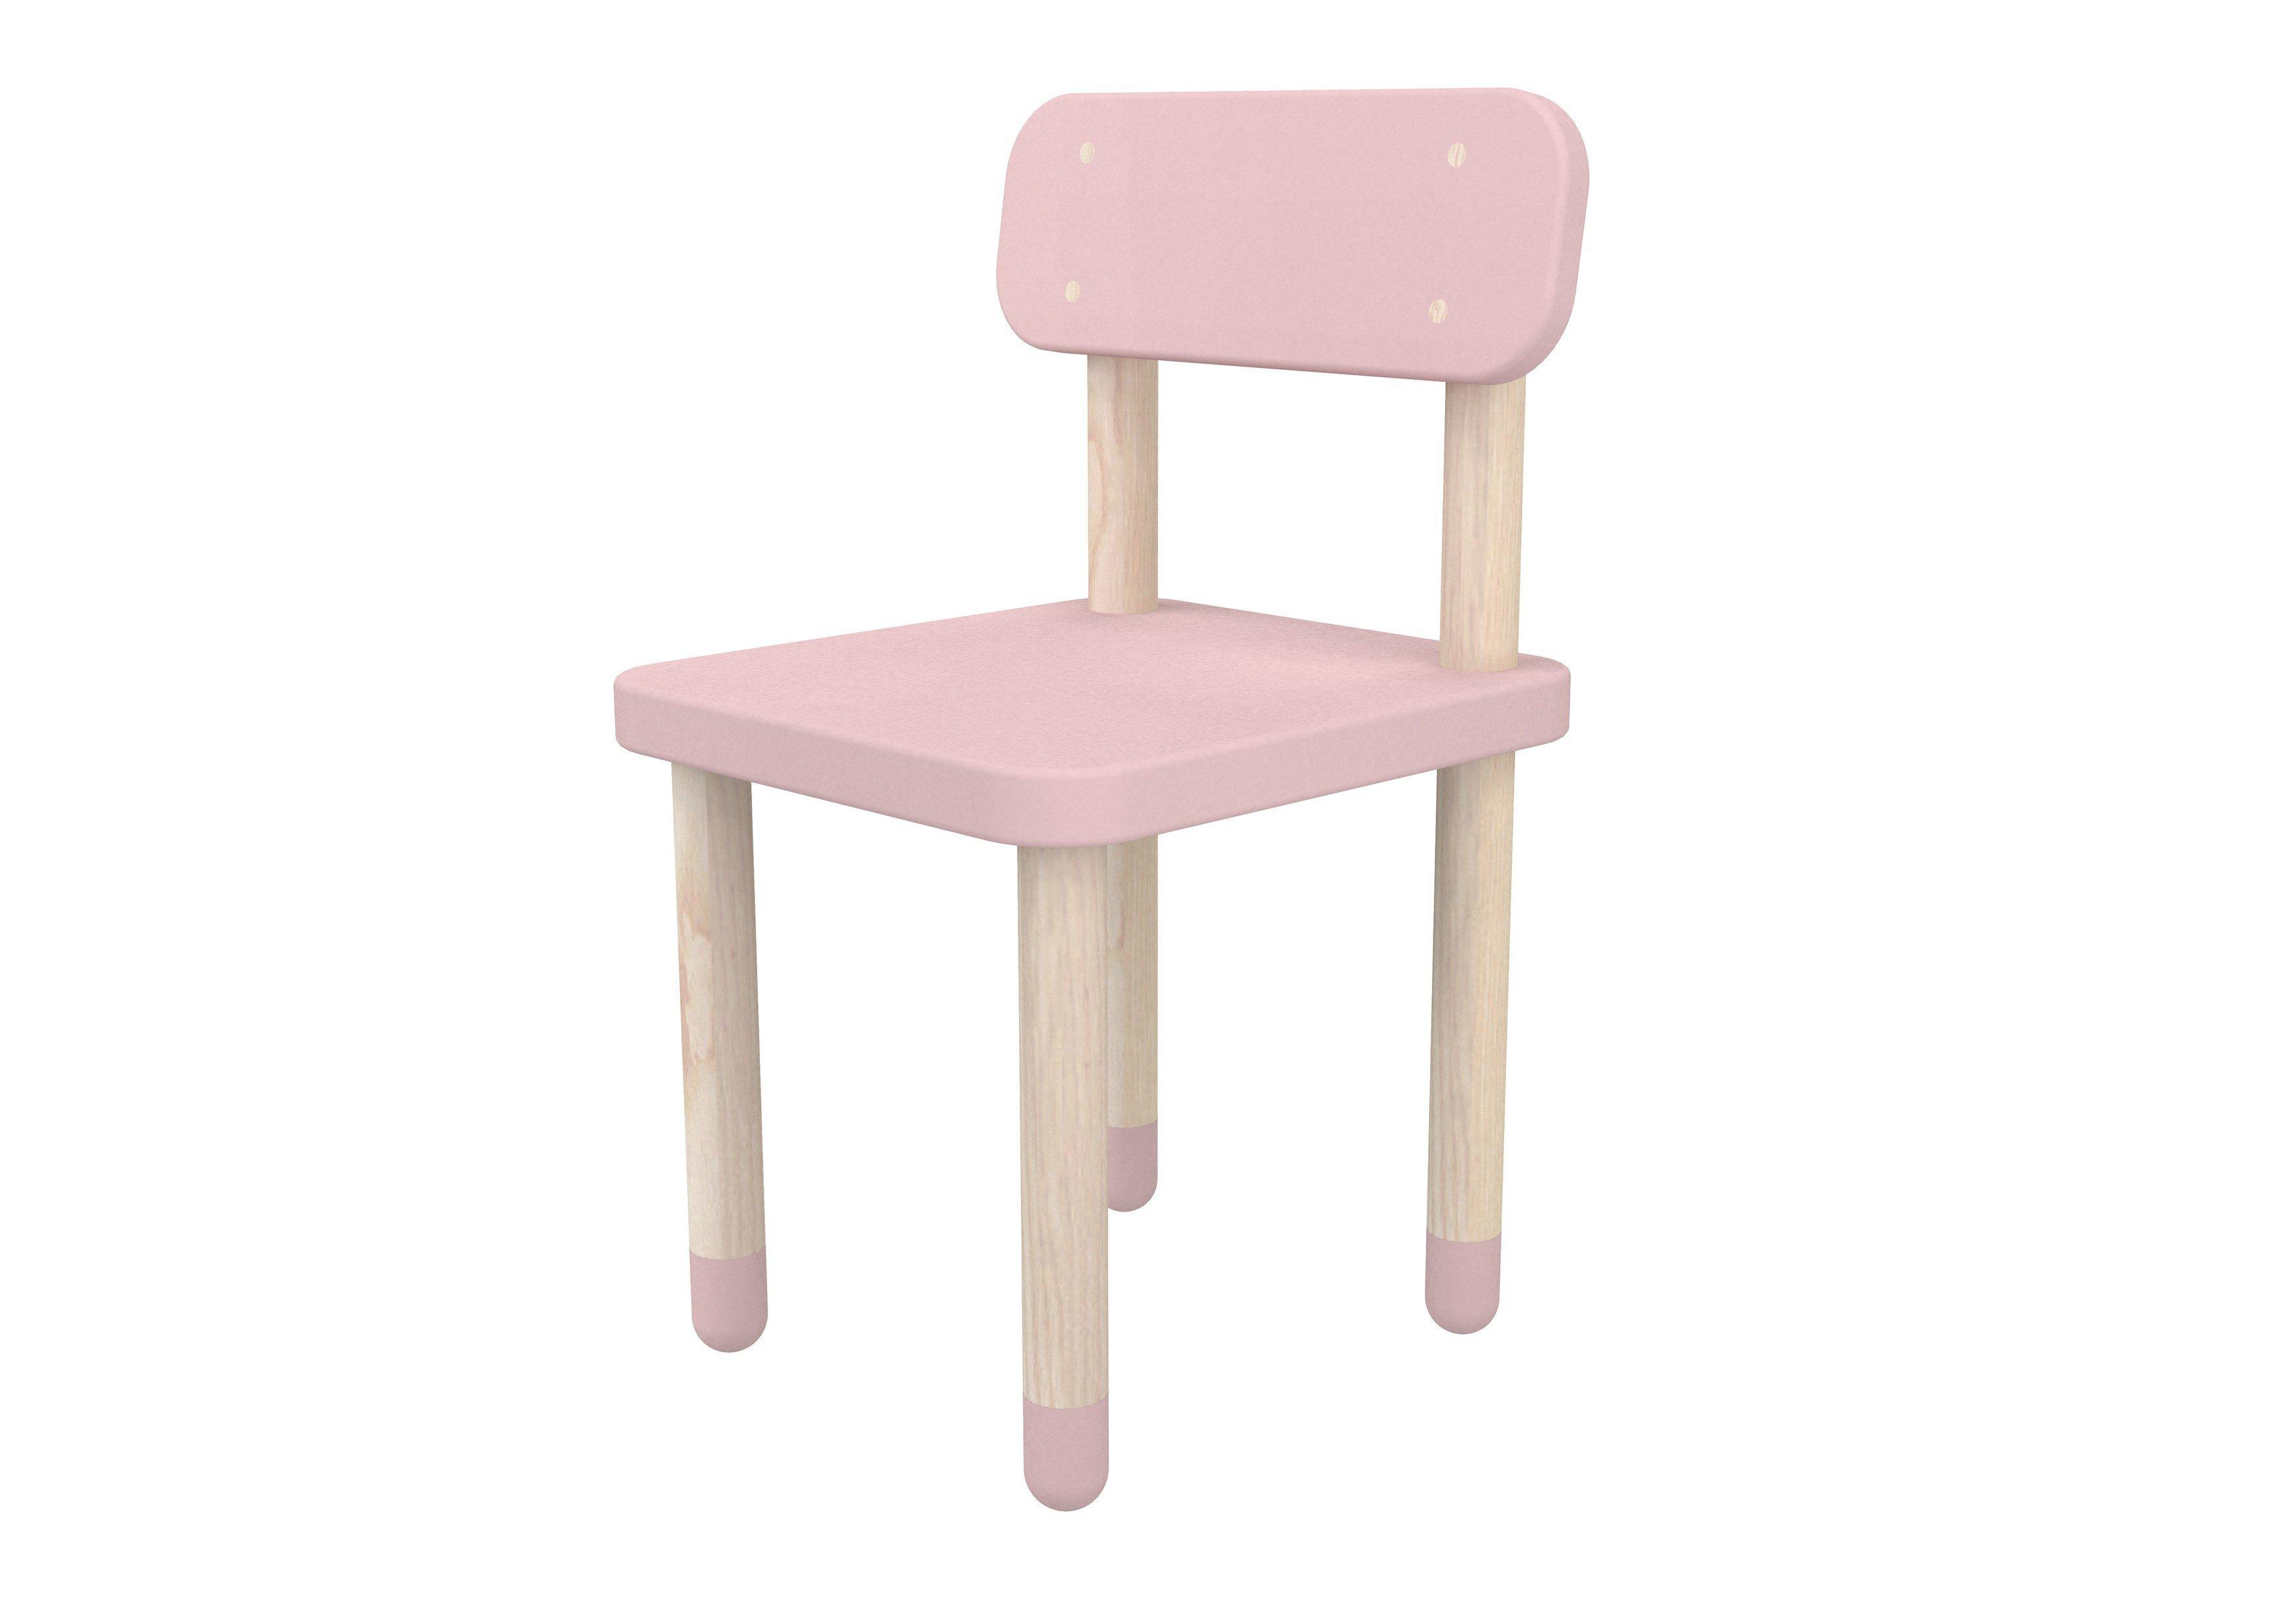 bett von skandinavische m bel wicki rosa m bel letz ihr online shop. Black Bedroom Furniture Sets. Home Design Ideas